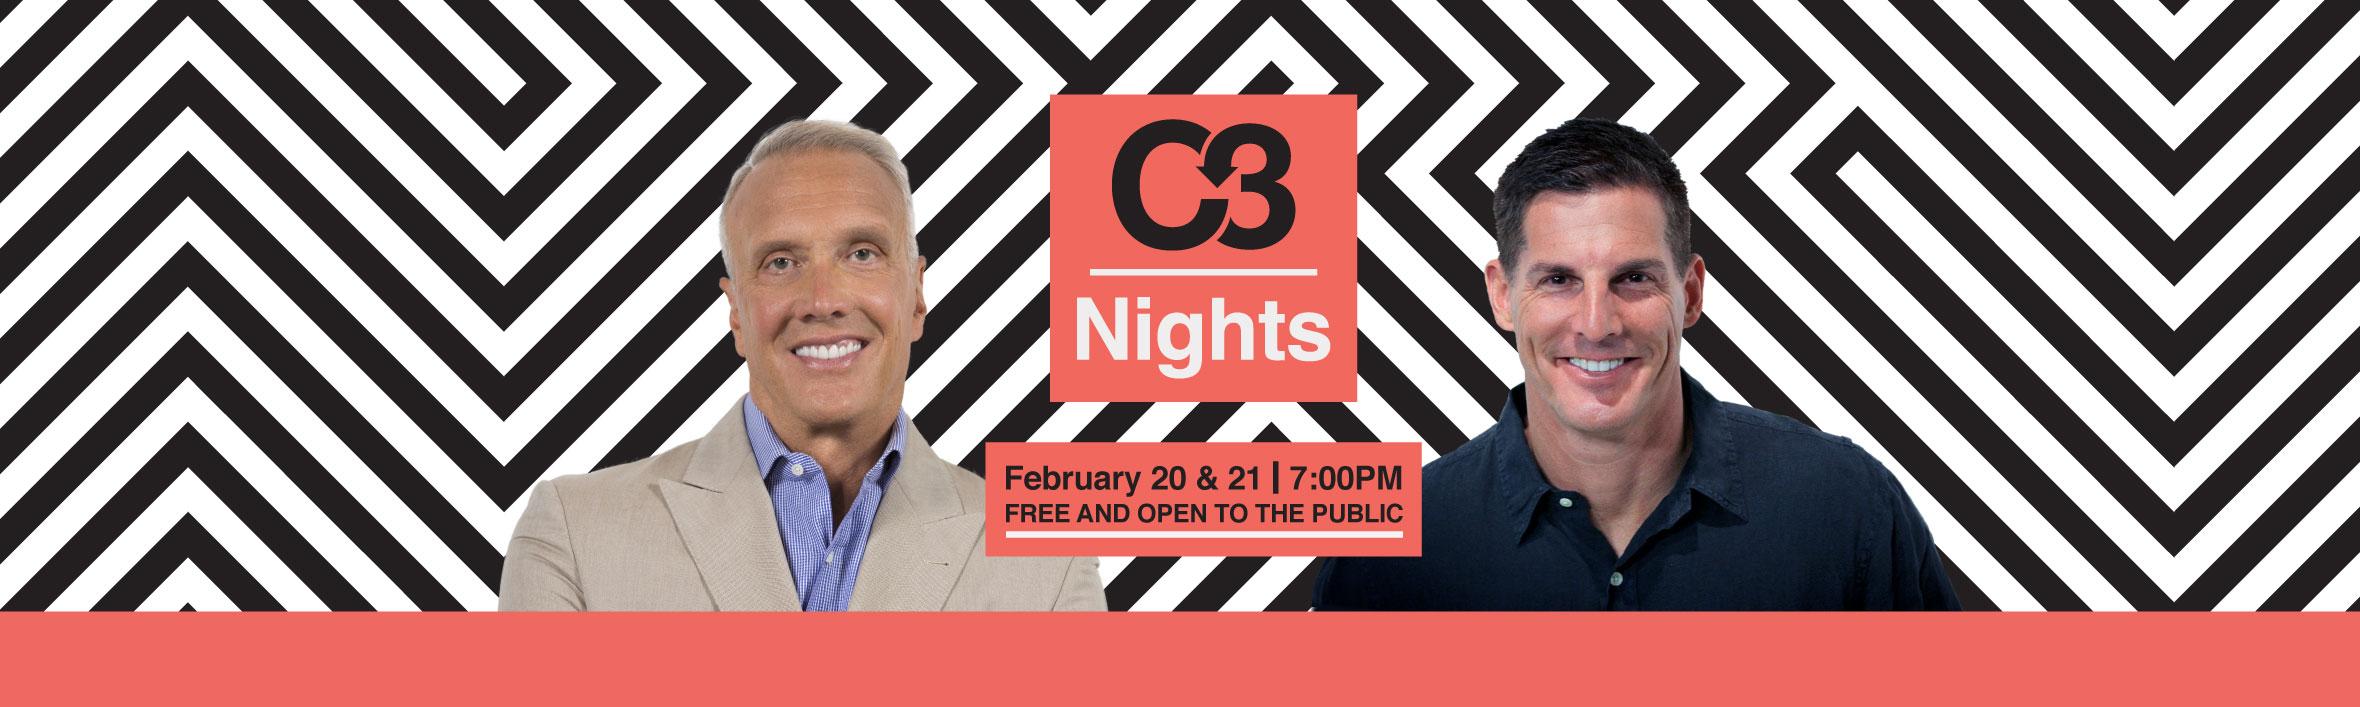 C3 Nights